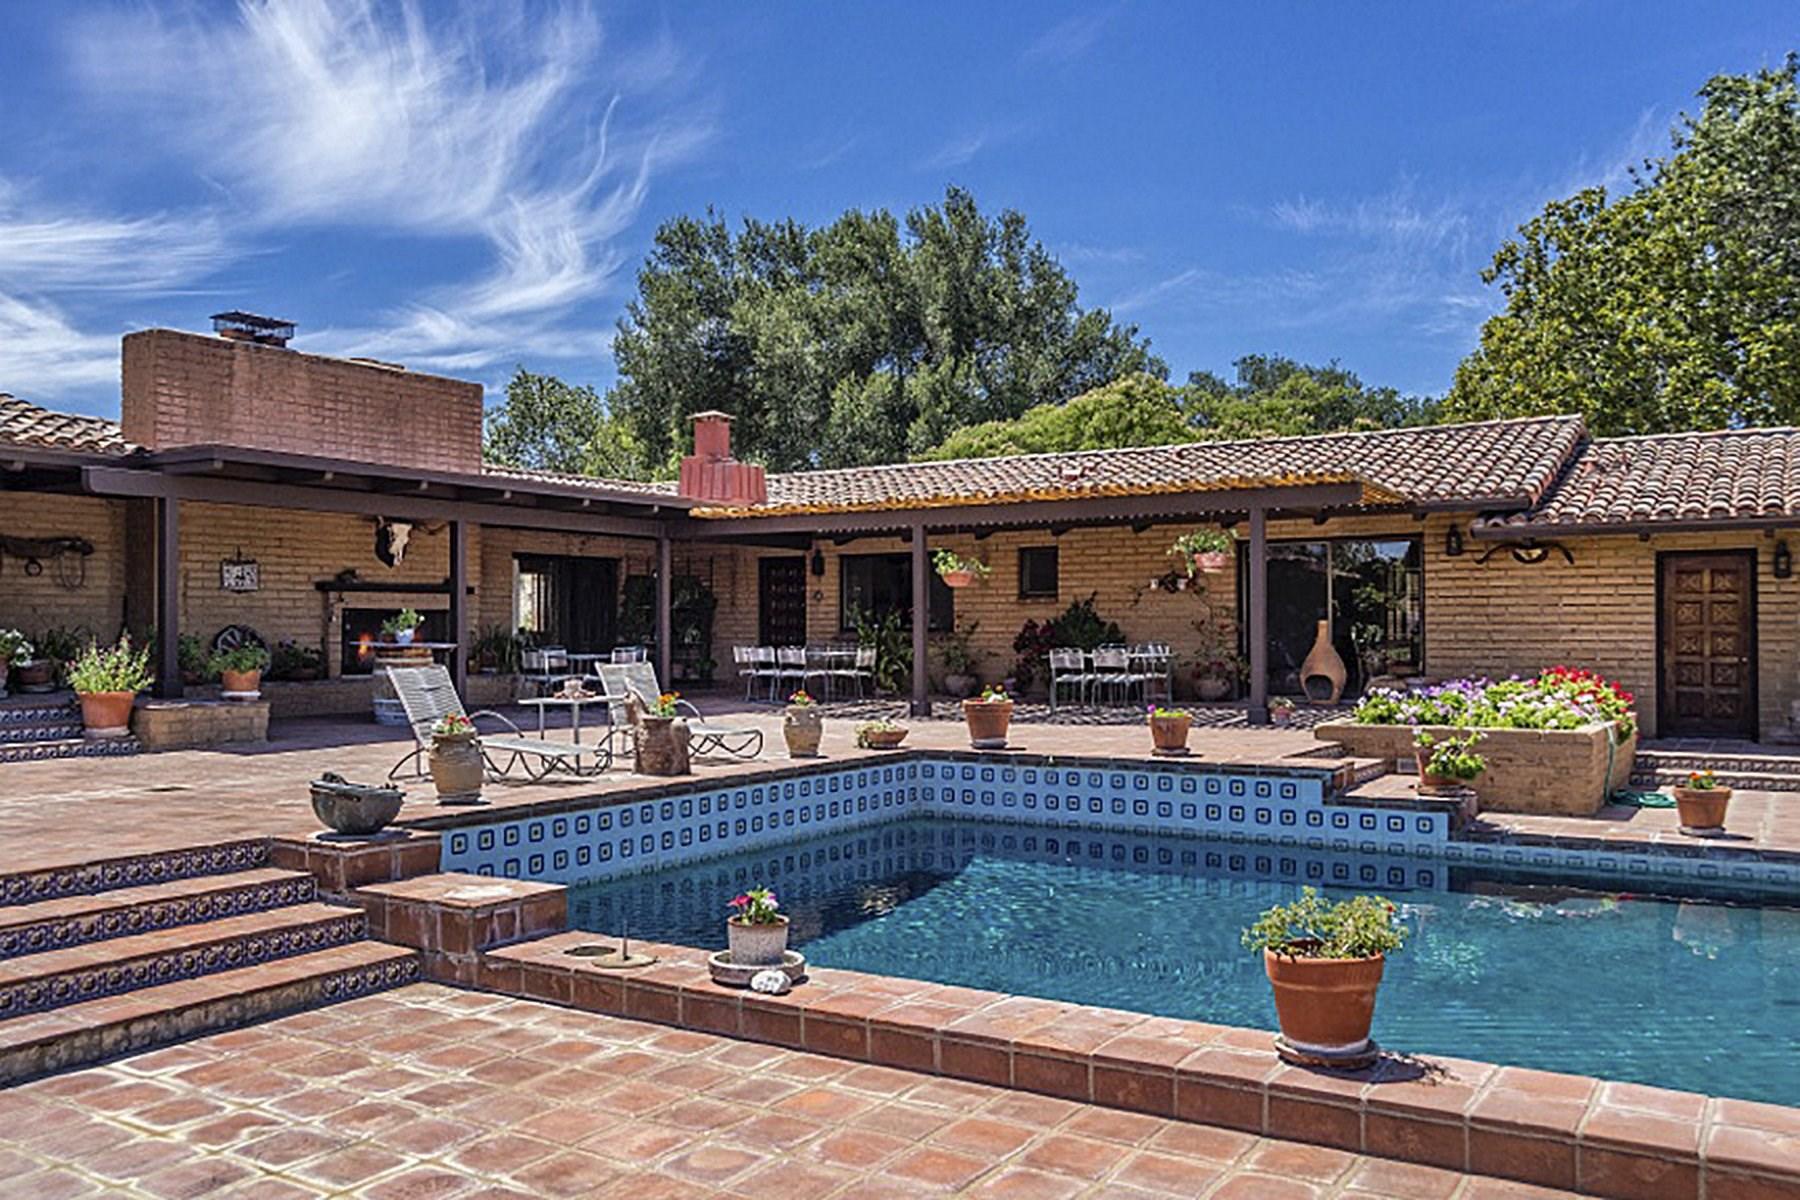 Ferme / Ranch / Plantation pour l Vente à Foxen Canyon Classic 5999 Foxen Canyon Road Santa Ynez, Californie, 93460 États-Unis